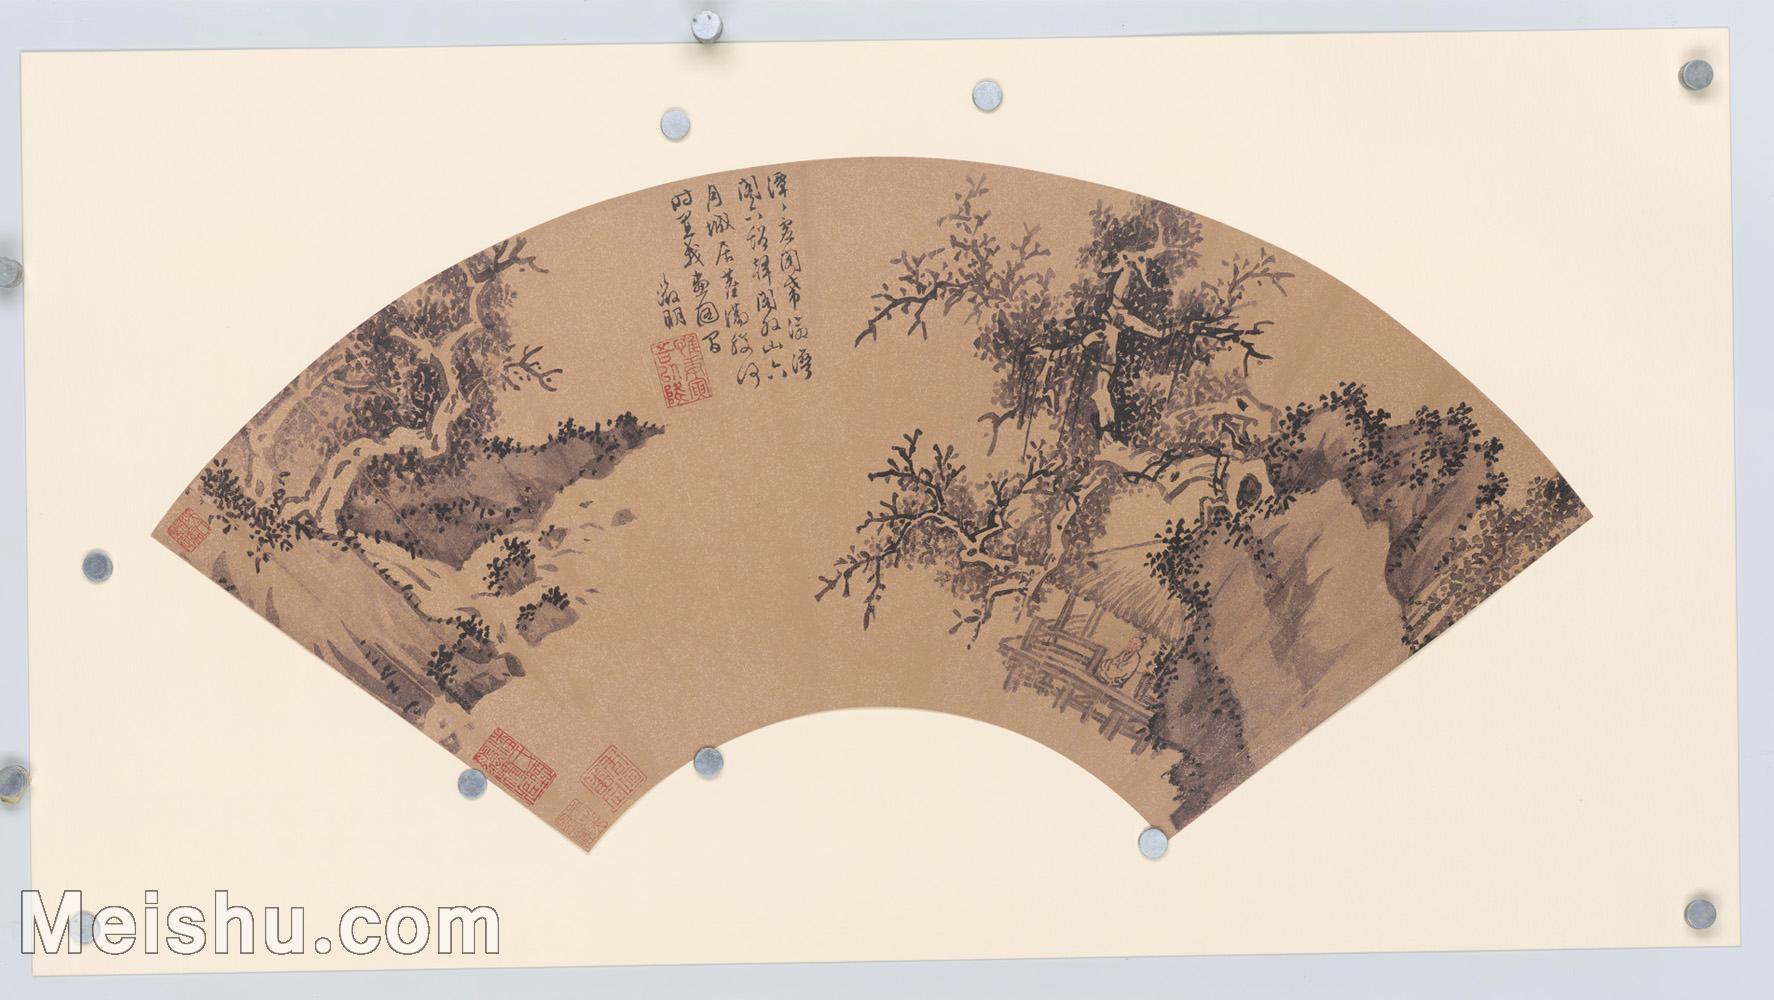 【超顶级】GH6070509古画山水风景文征明扇面图片-138M-5216X9253.jpg